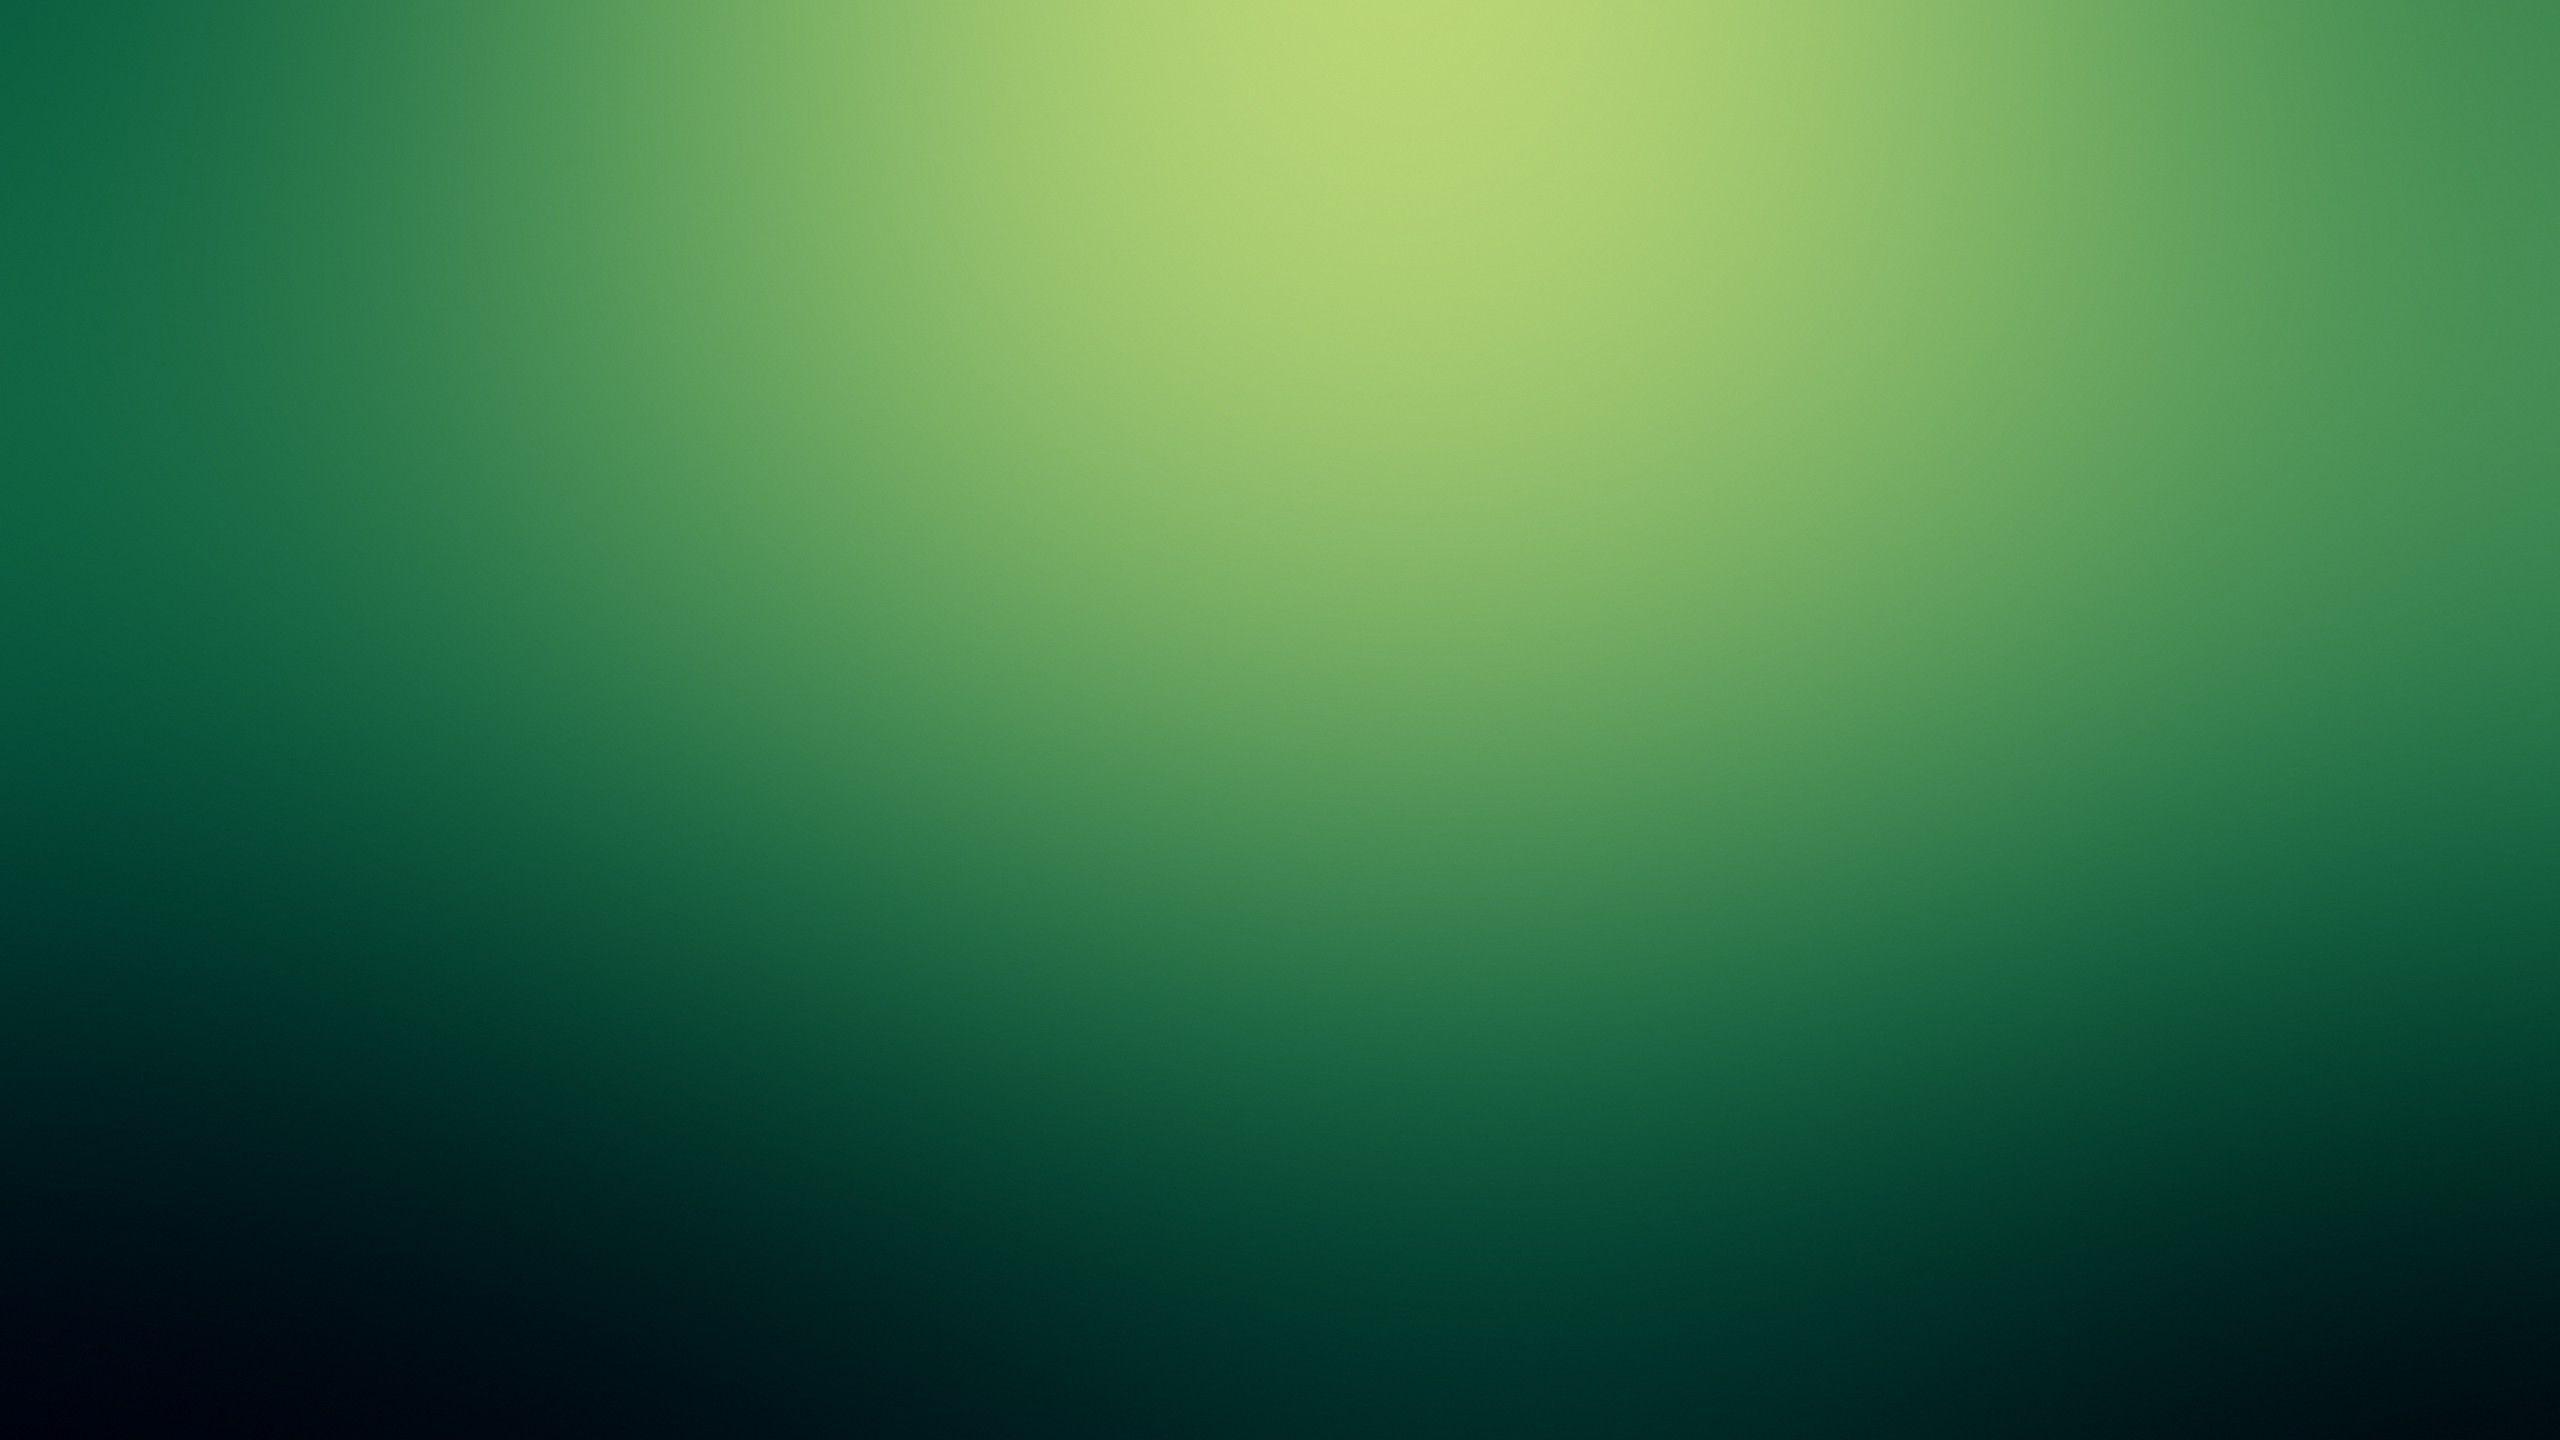 Ipad hintergrund farbverlauf